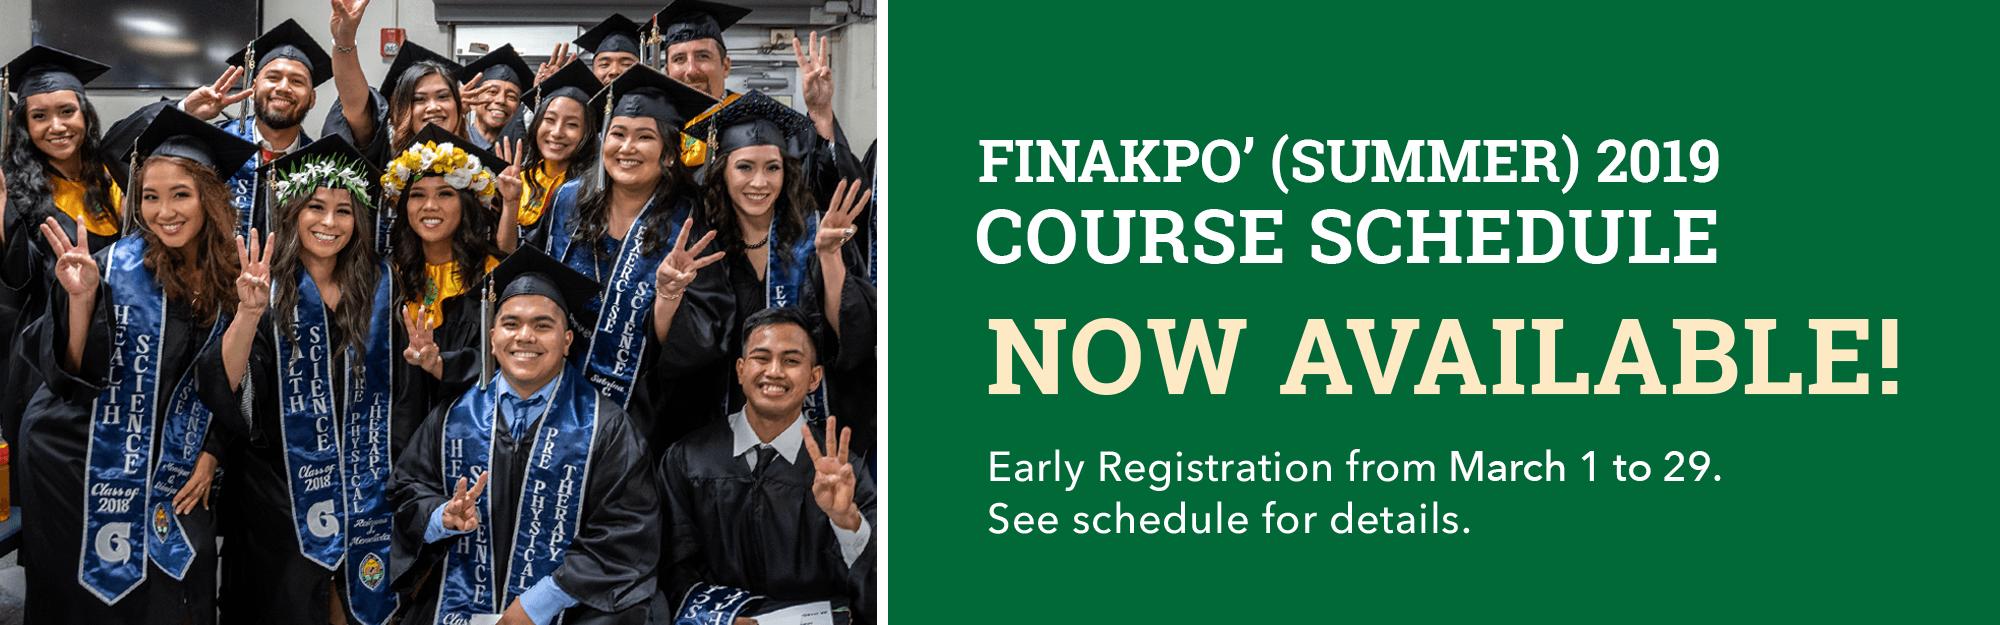 Finakpo' (Summer) 2019 Course Schedule